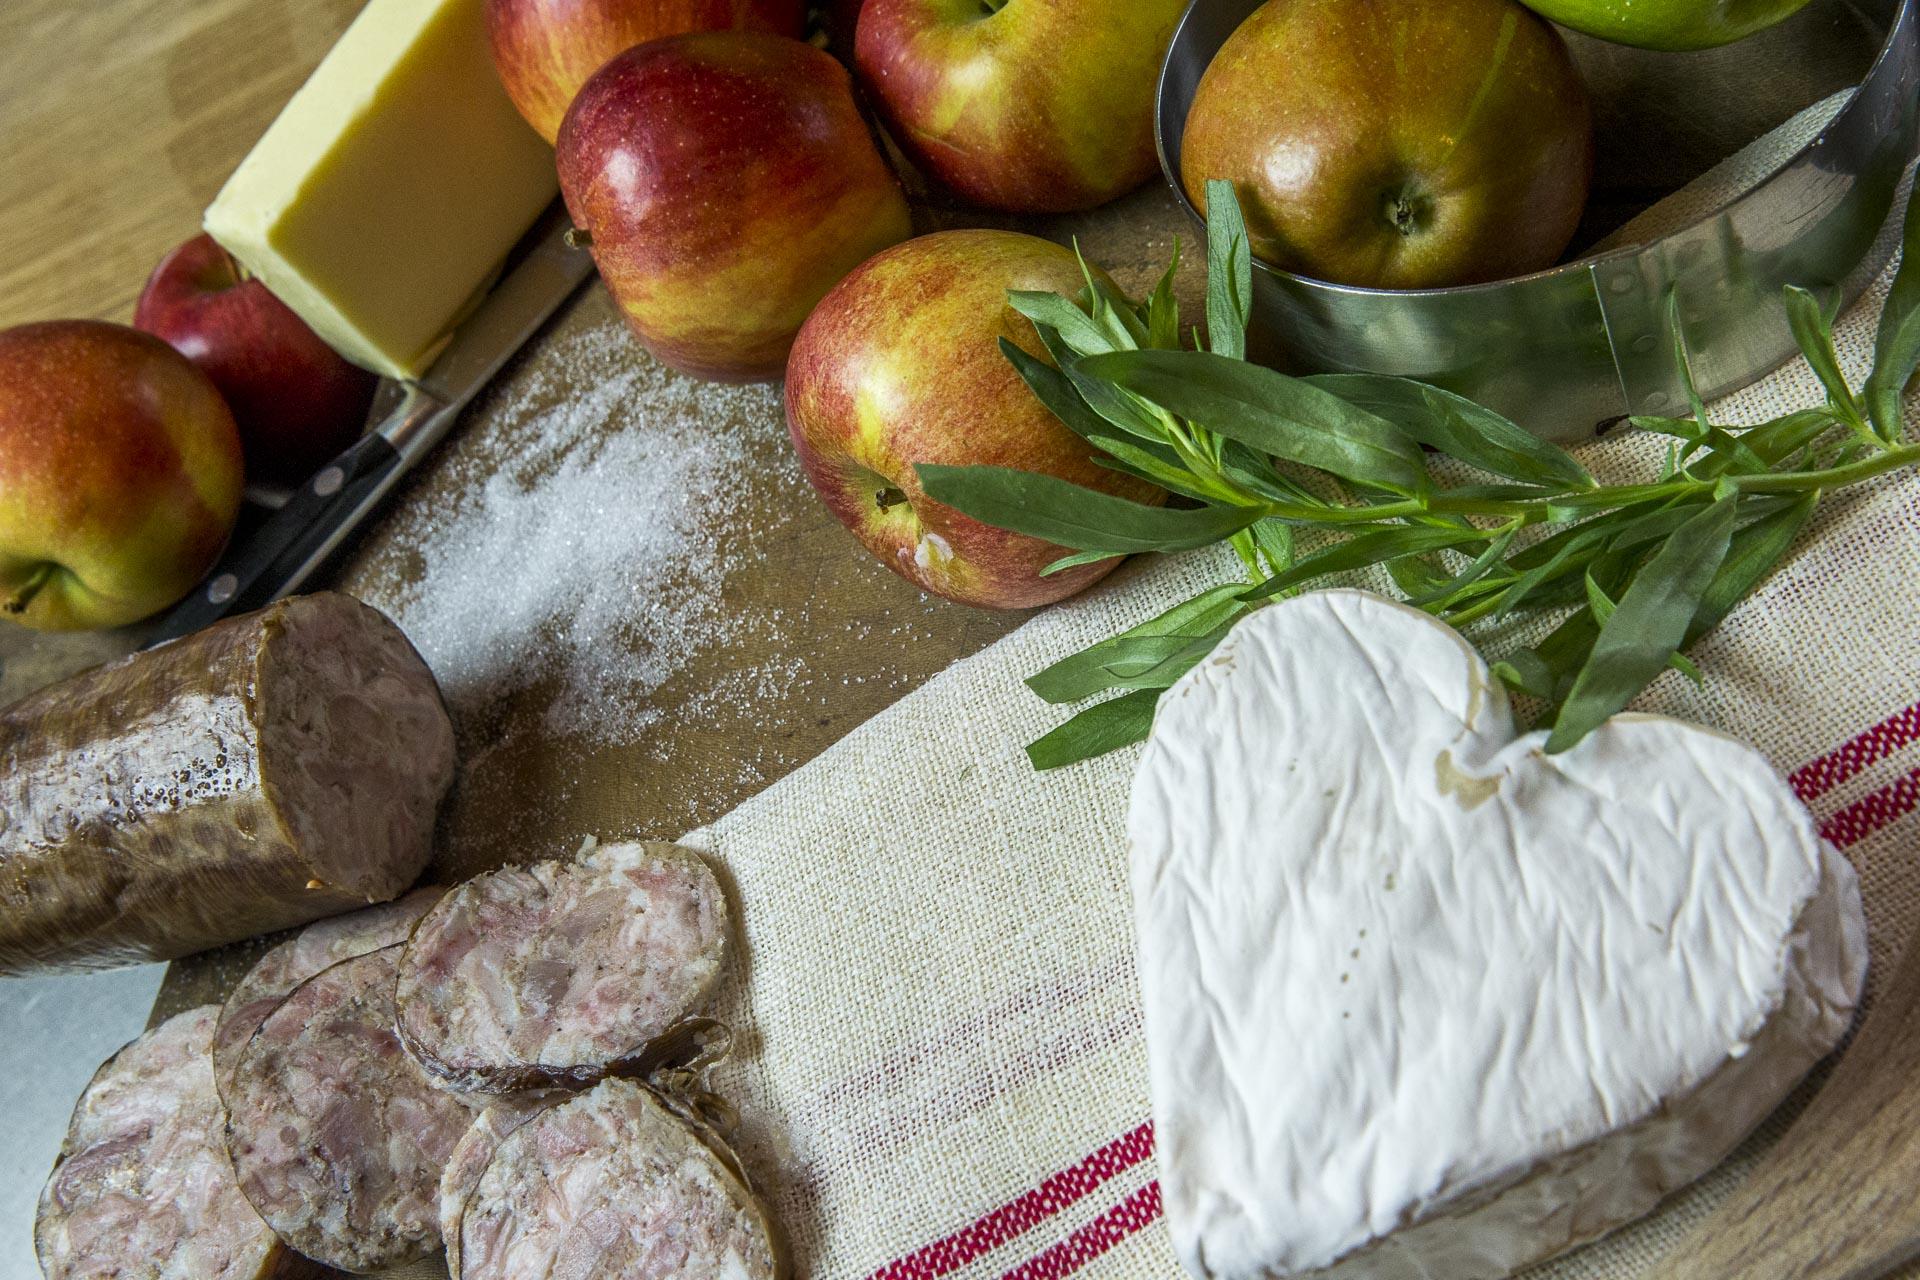 Tatin de pommes caramélisées©stephaneleroy-E61R3893.jpg